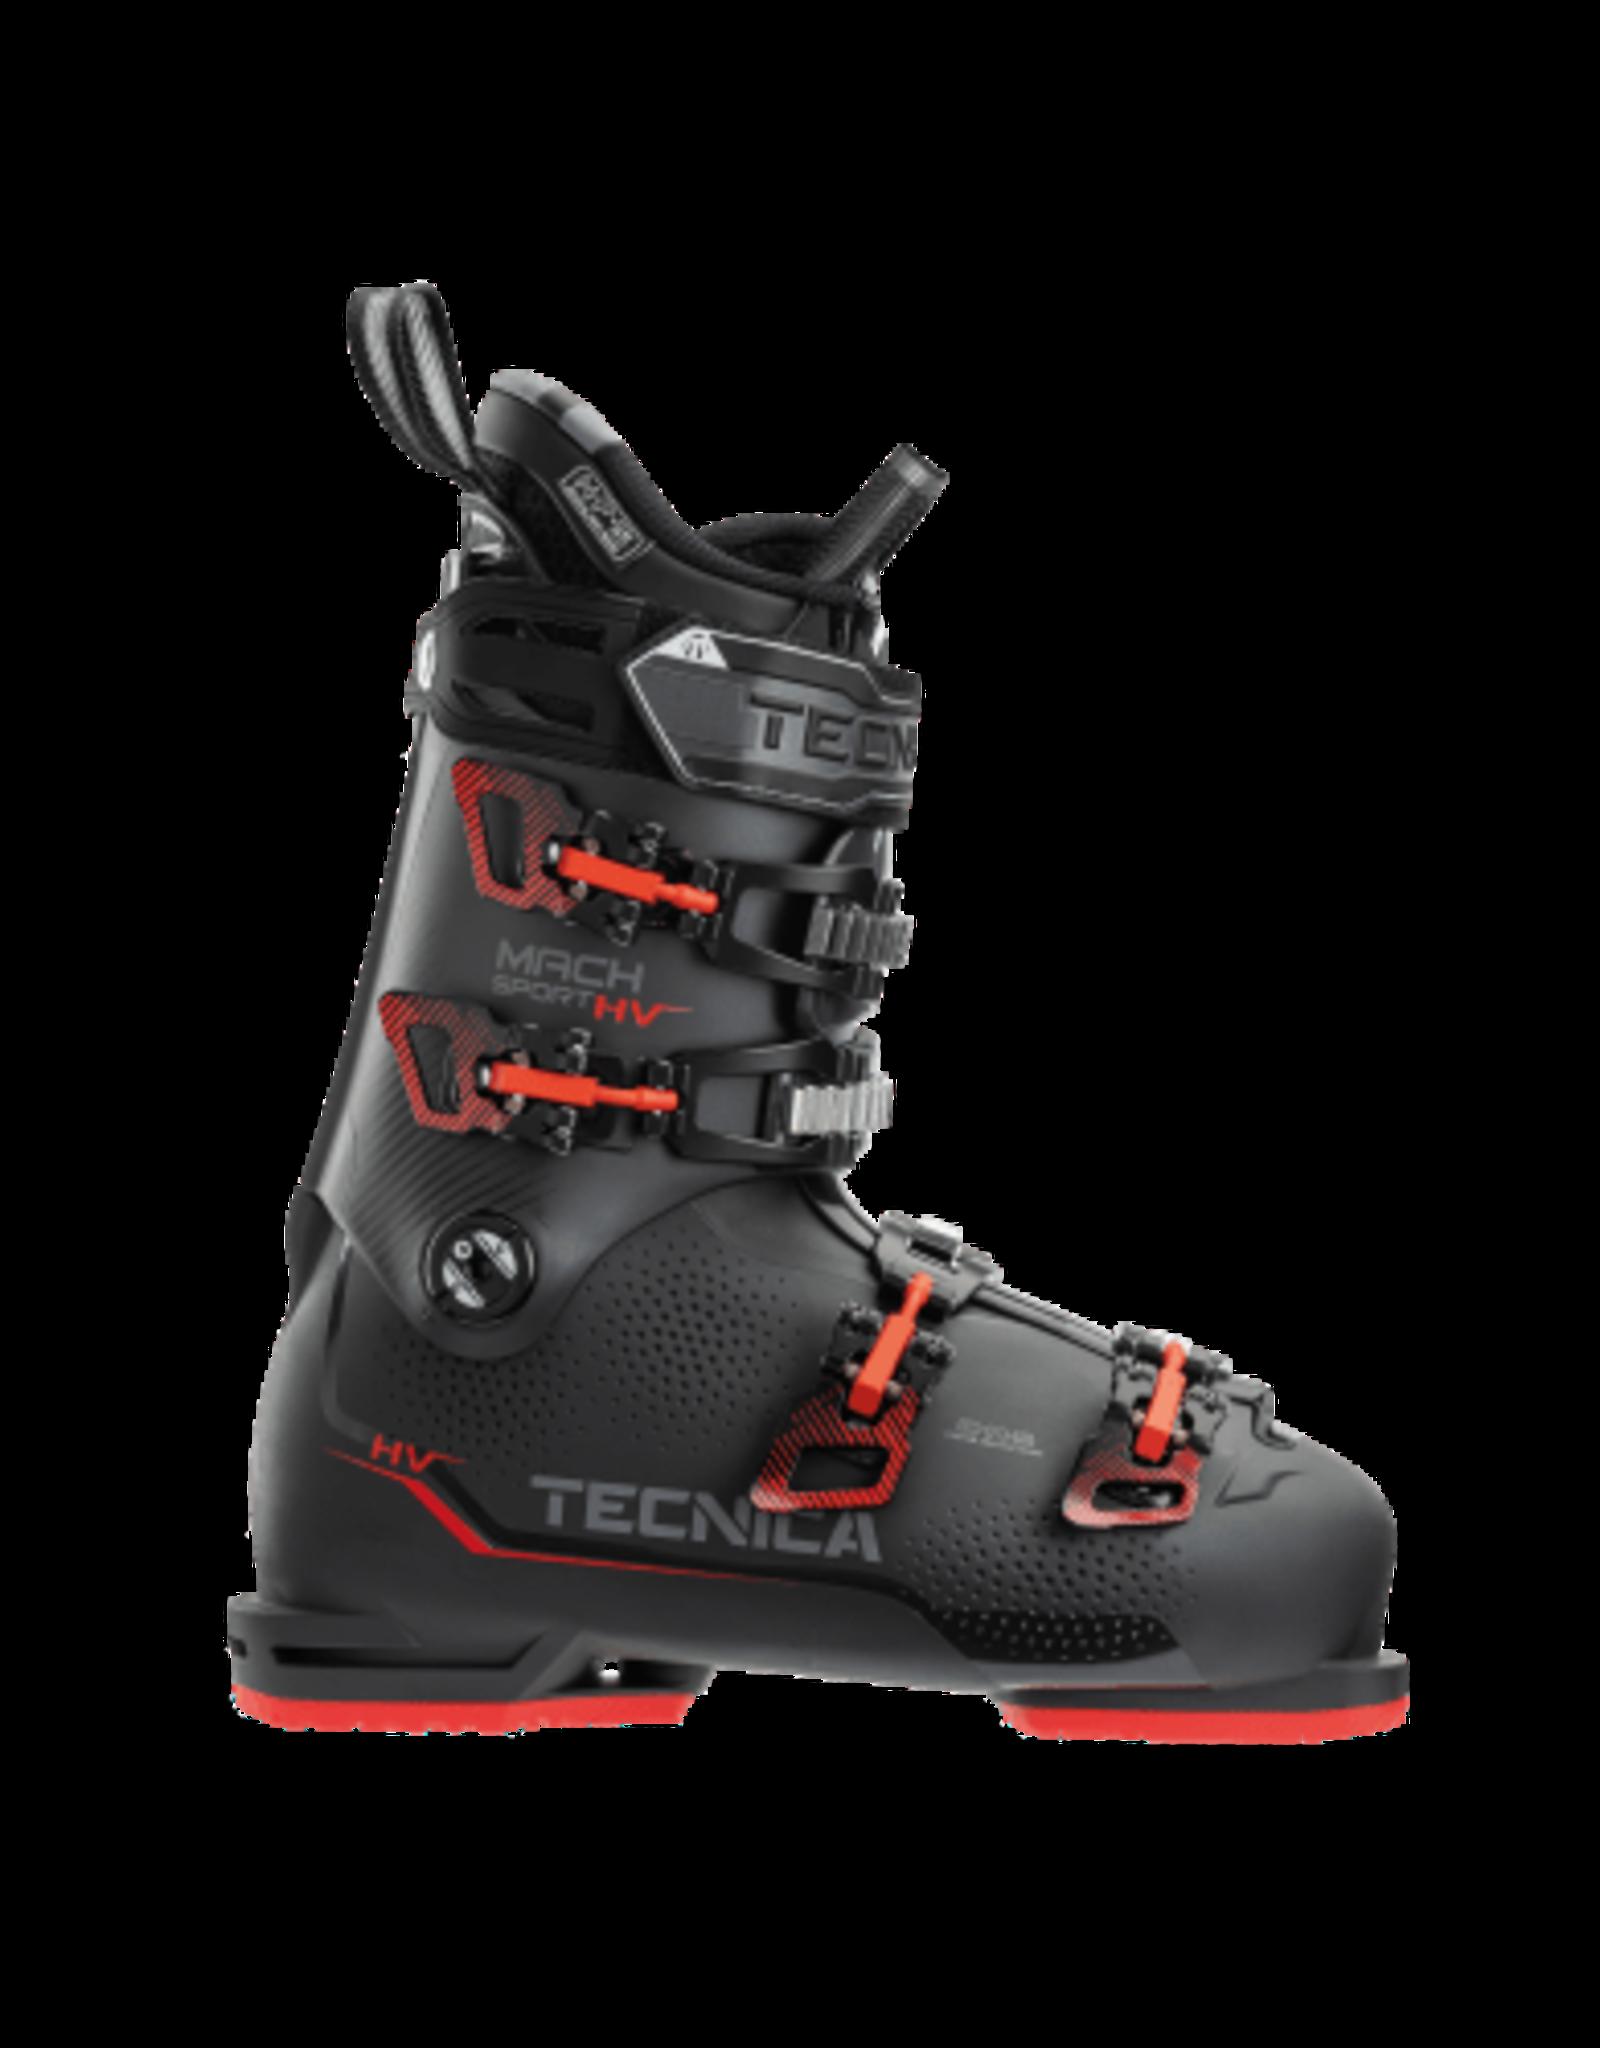 Tecnica Tecnica Men's Mach Sport HV 100 2021